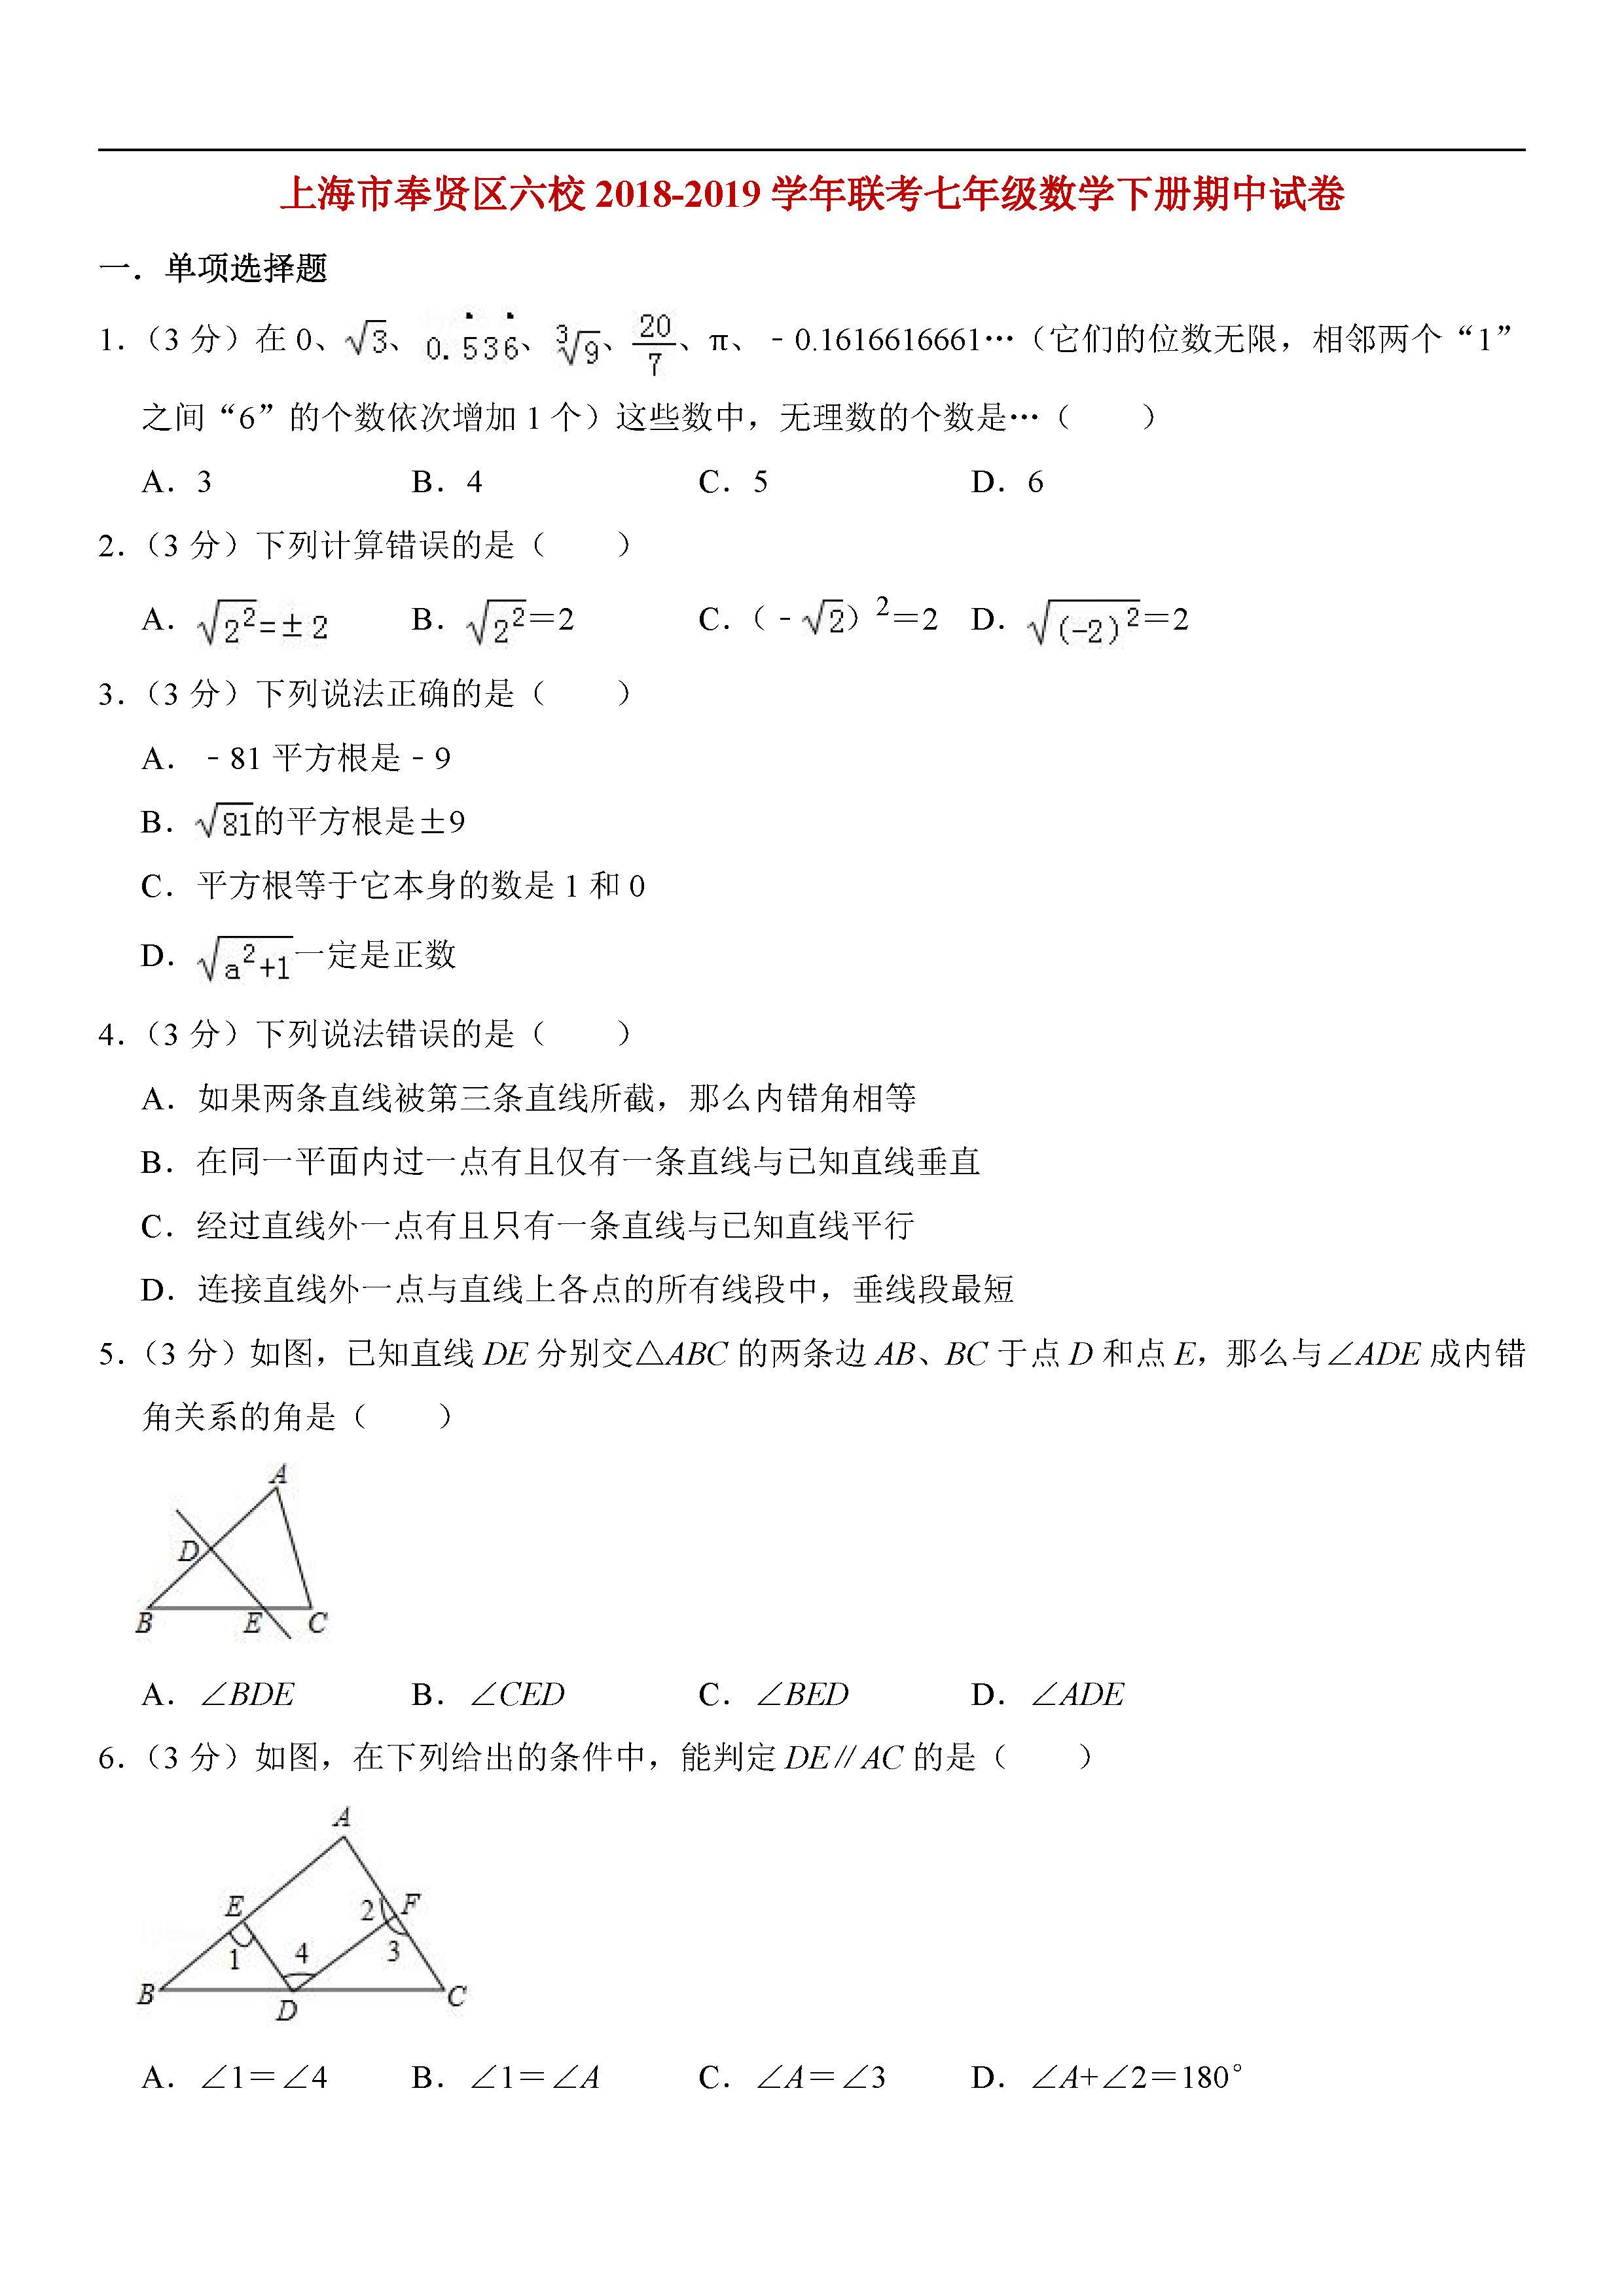 上海市奉贤区六校2018-2019七年级数学下册期中联考试题含答案